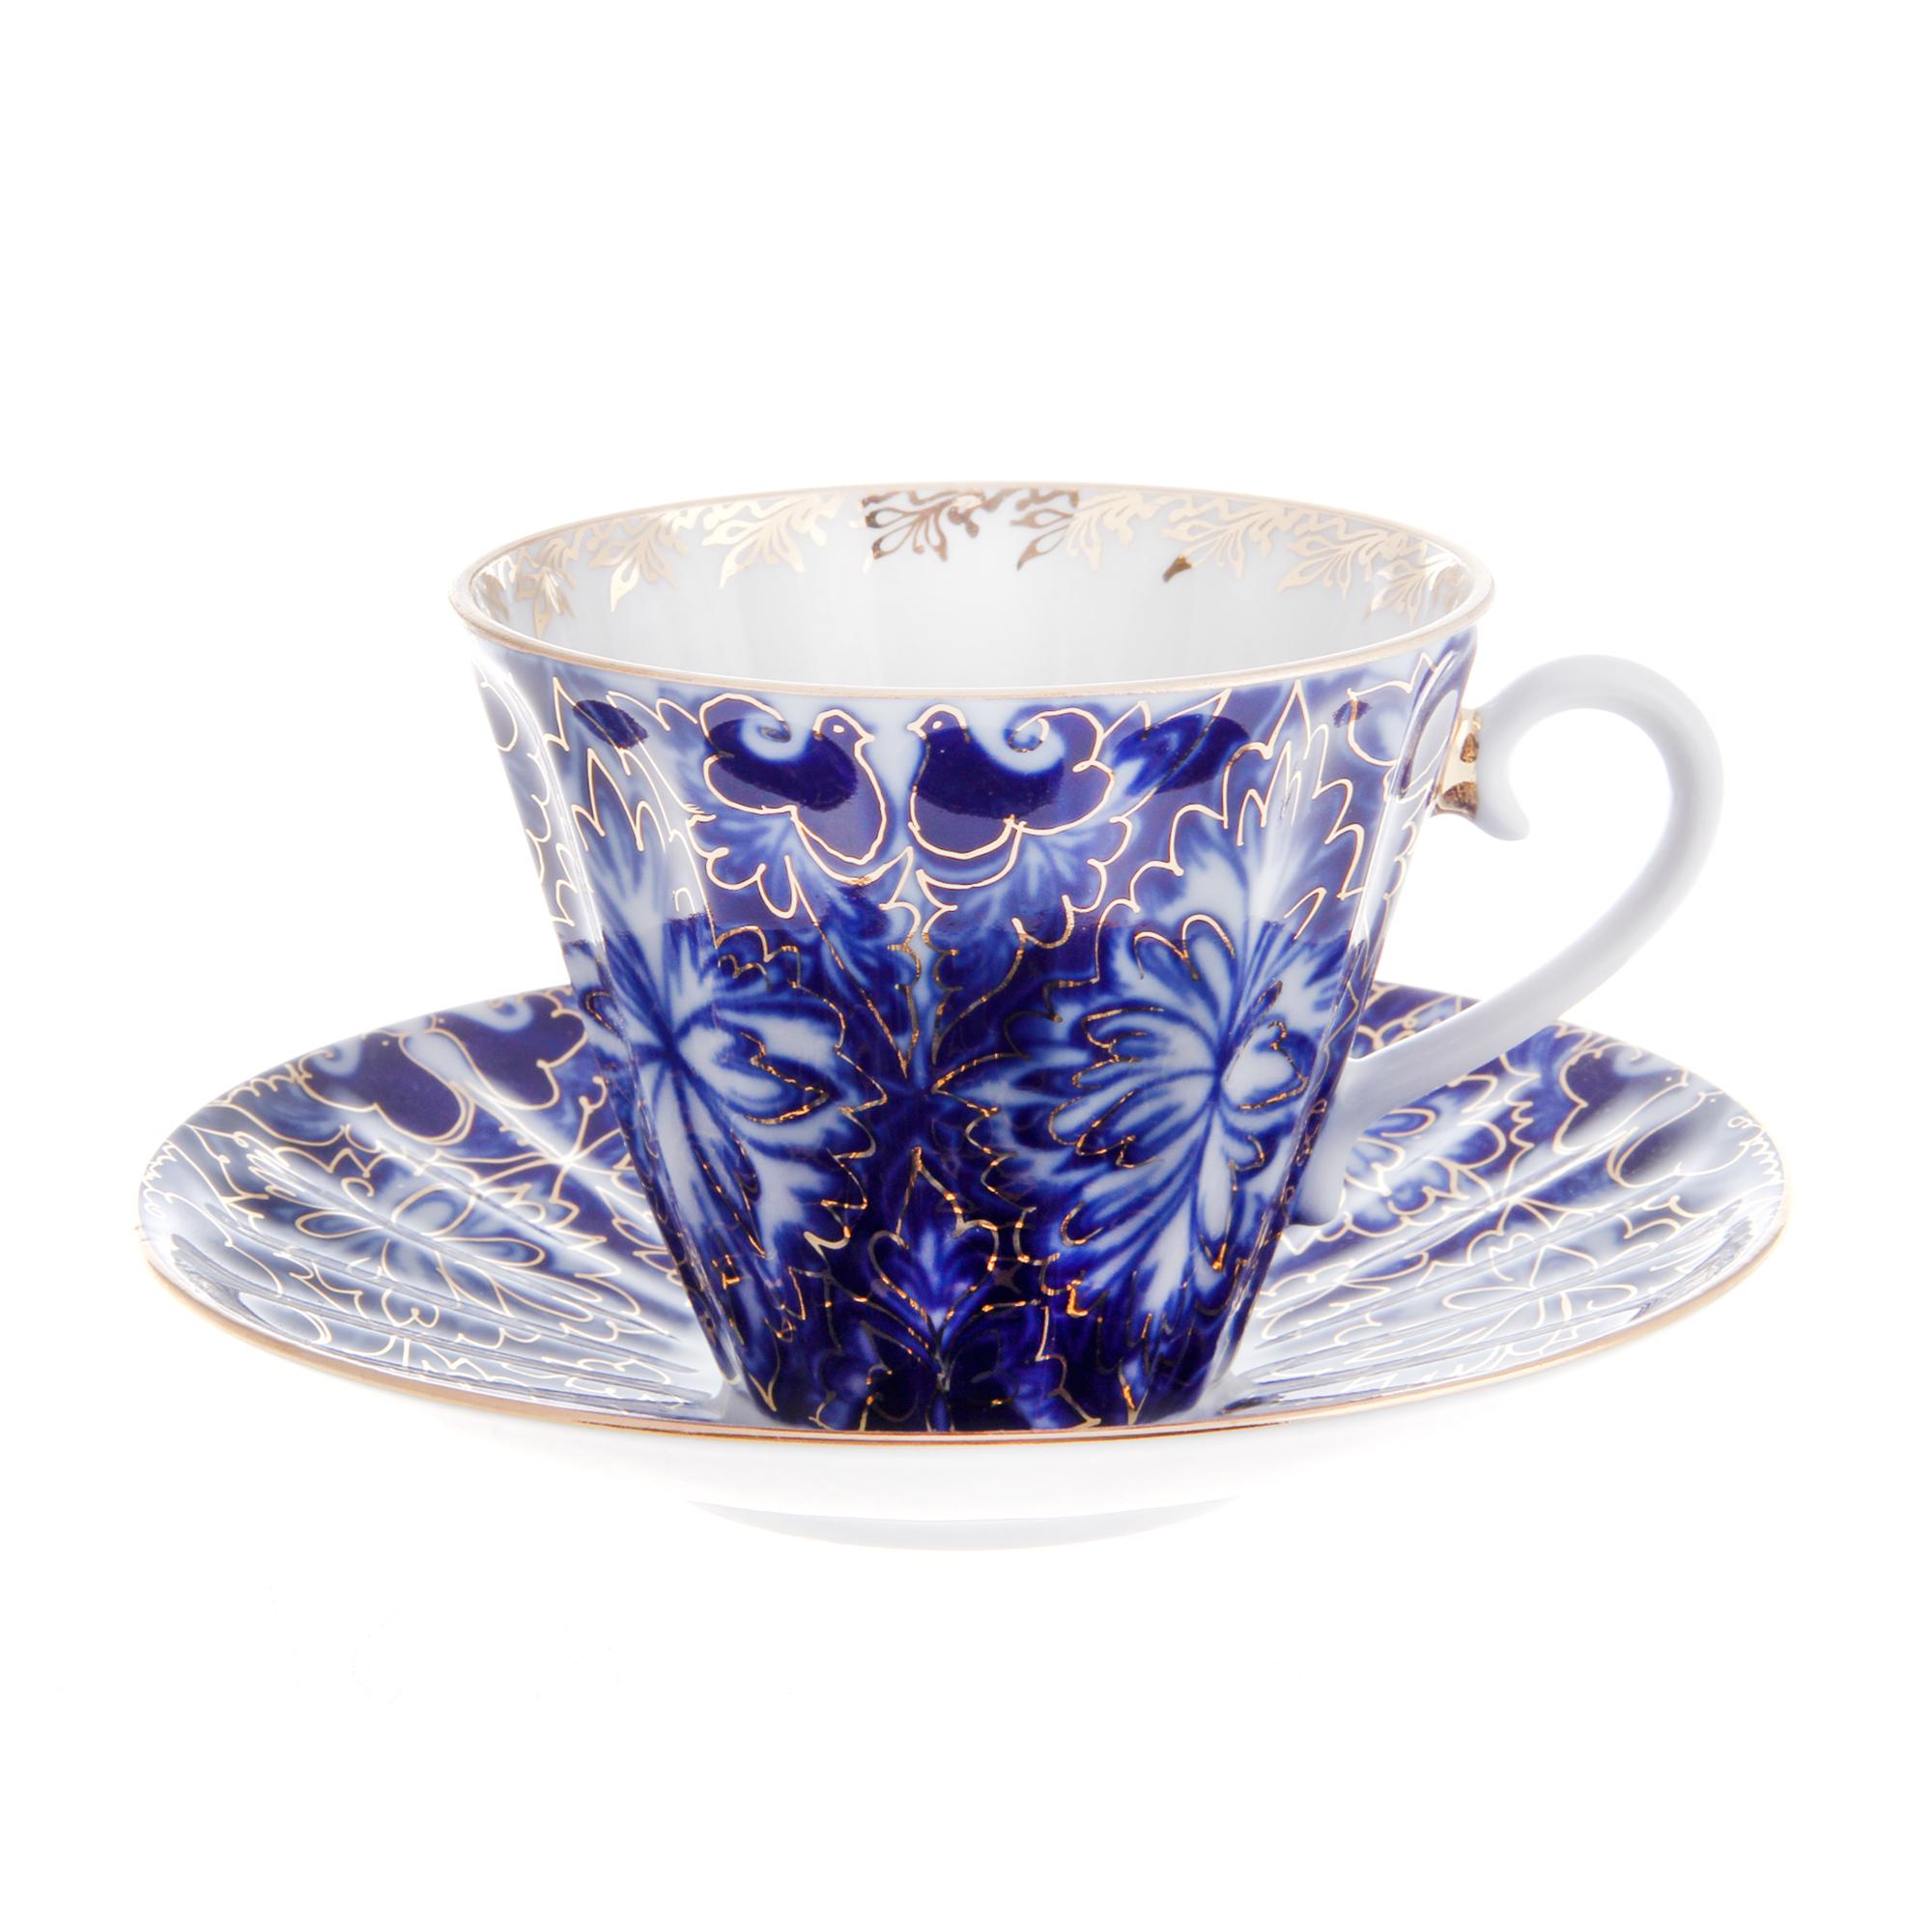 Чашка с блюдцем чайная, форма лучистая - тетерева Лфз